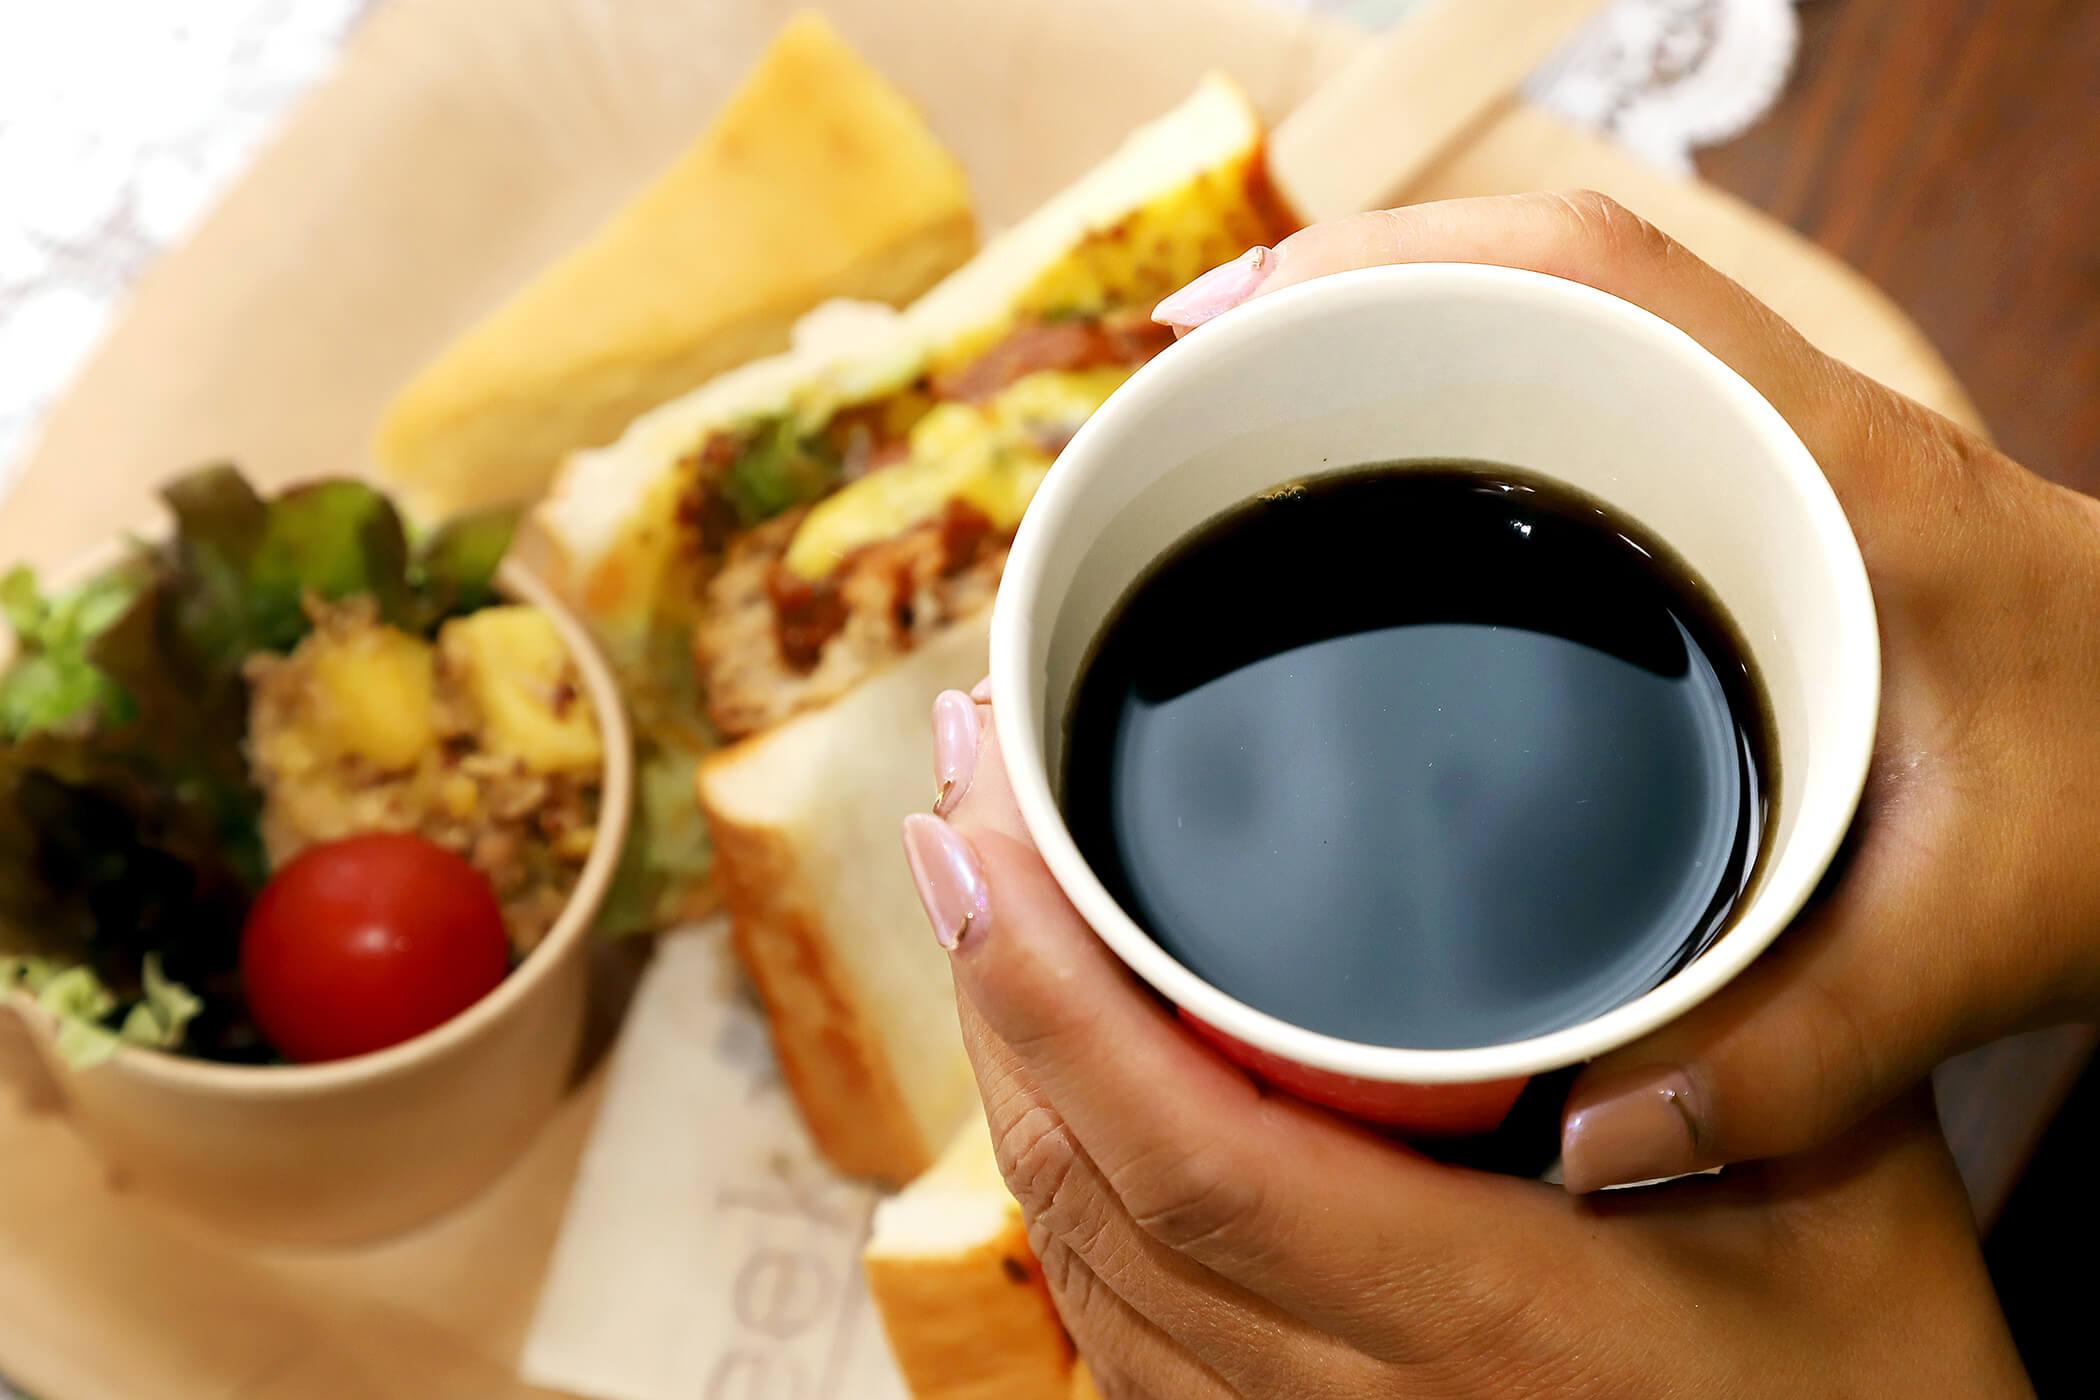 焼き芋カフェ なかむら屋 写真11